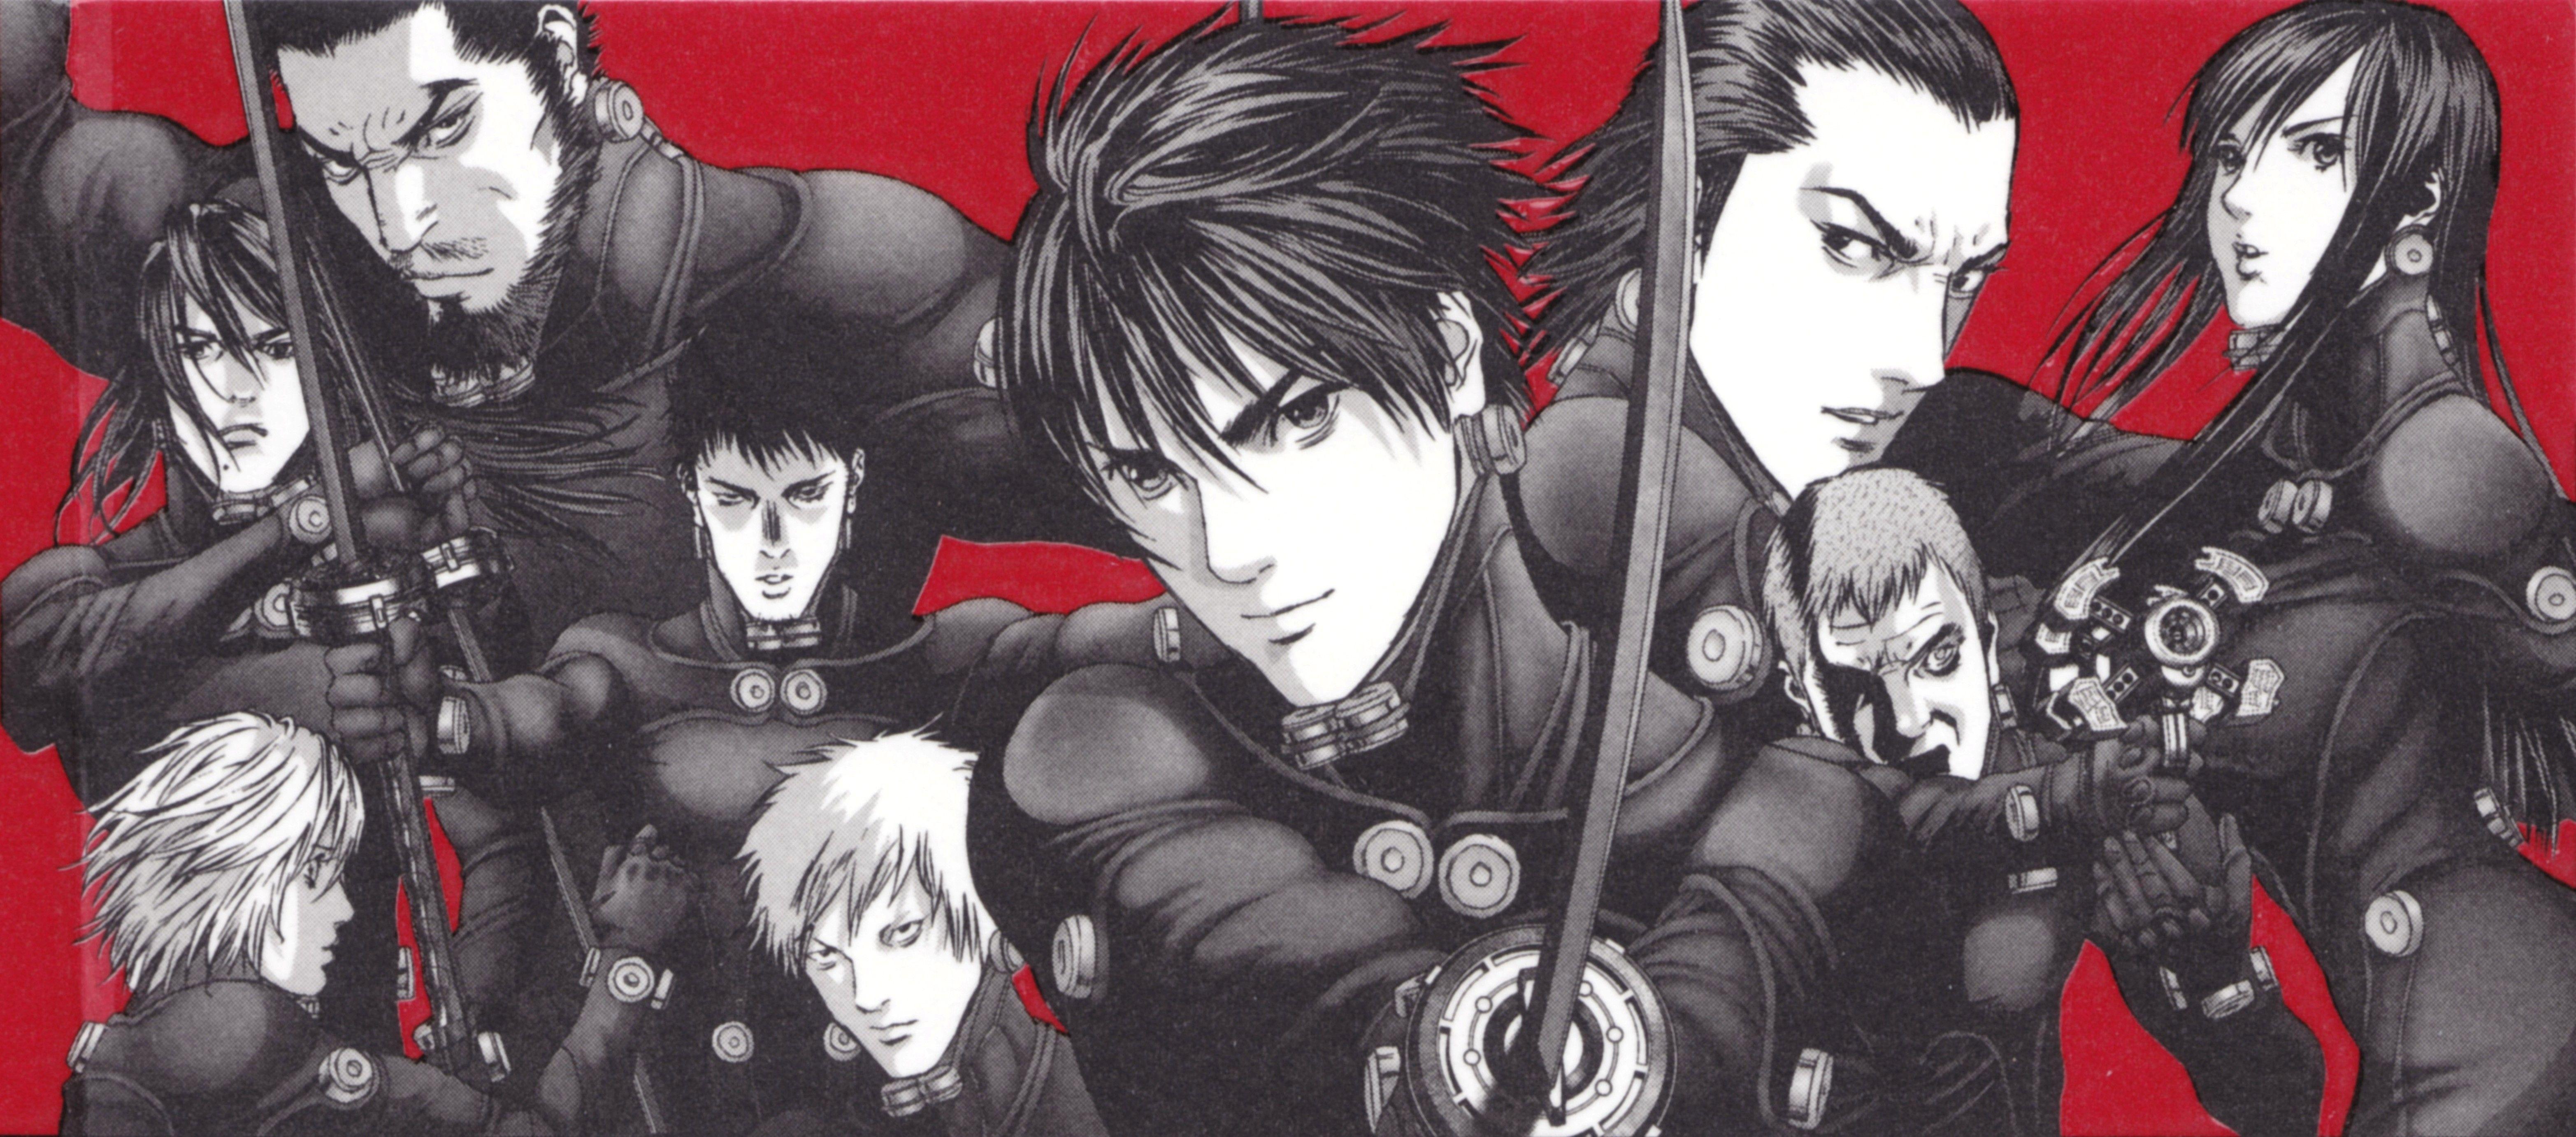 Manga Gantz Manga Pinterest Manga And Anime